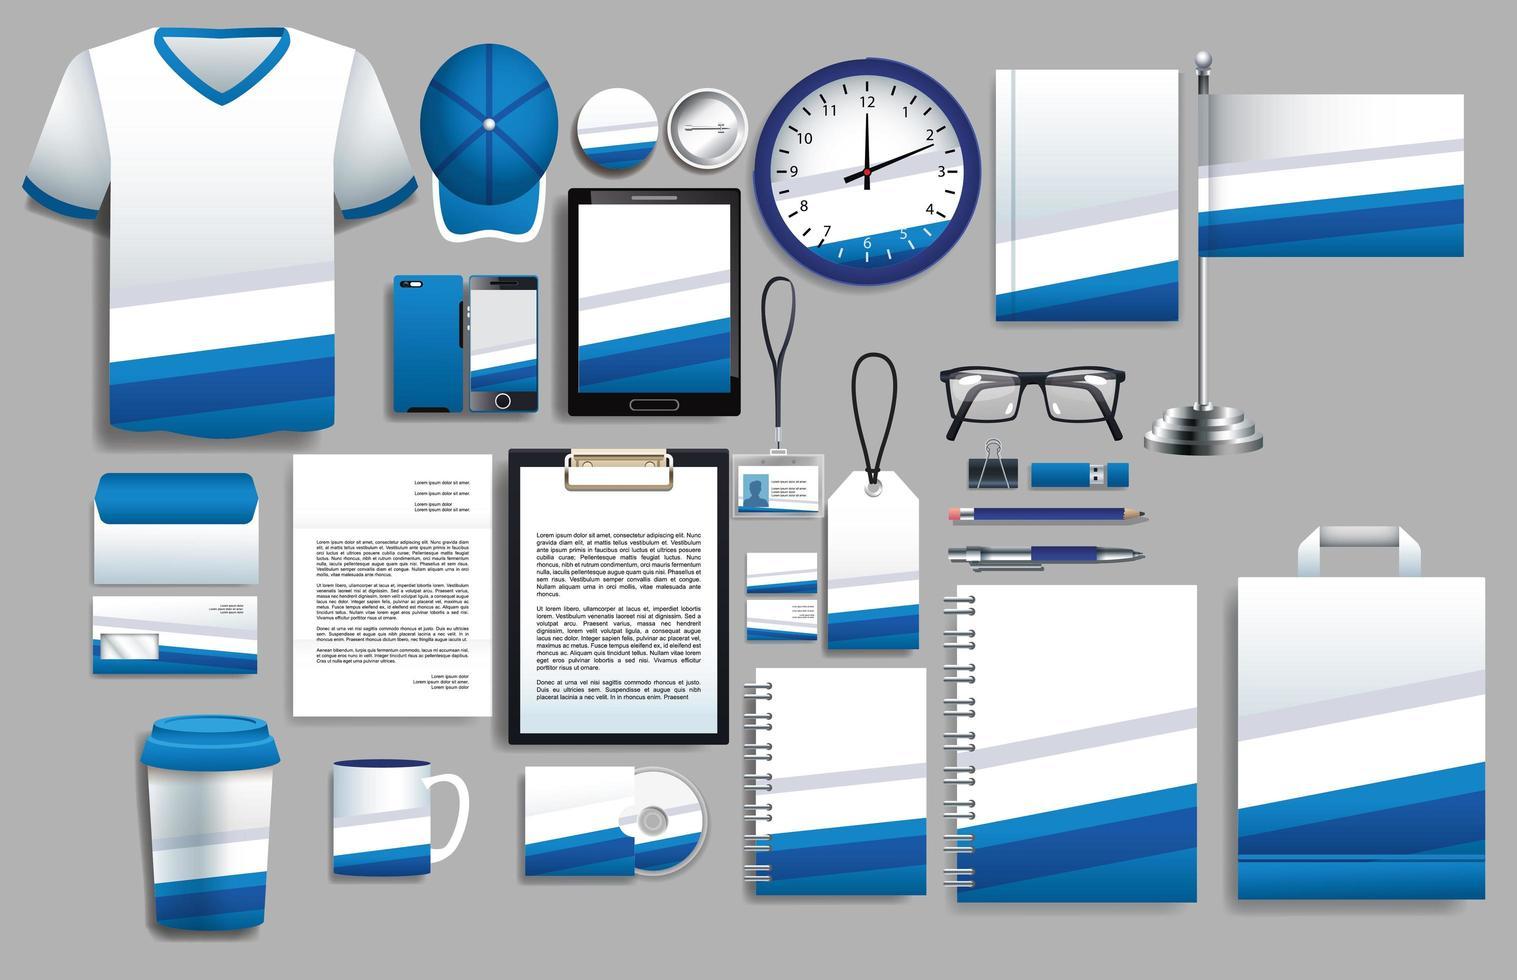 uppsättning blå och vita element med brevpappermallar vektor